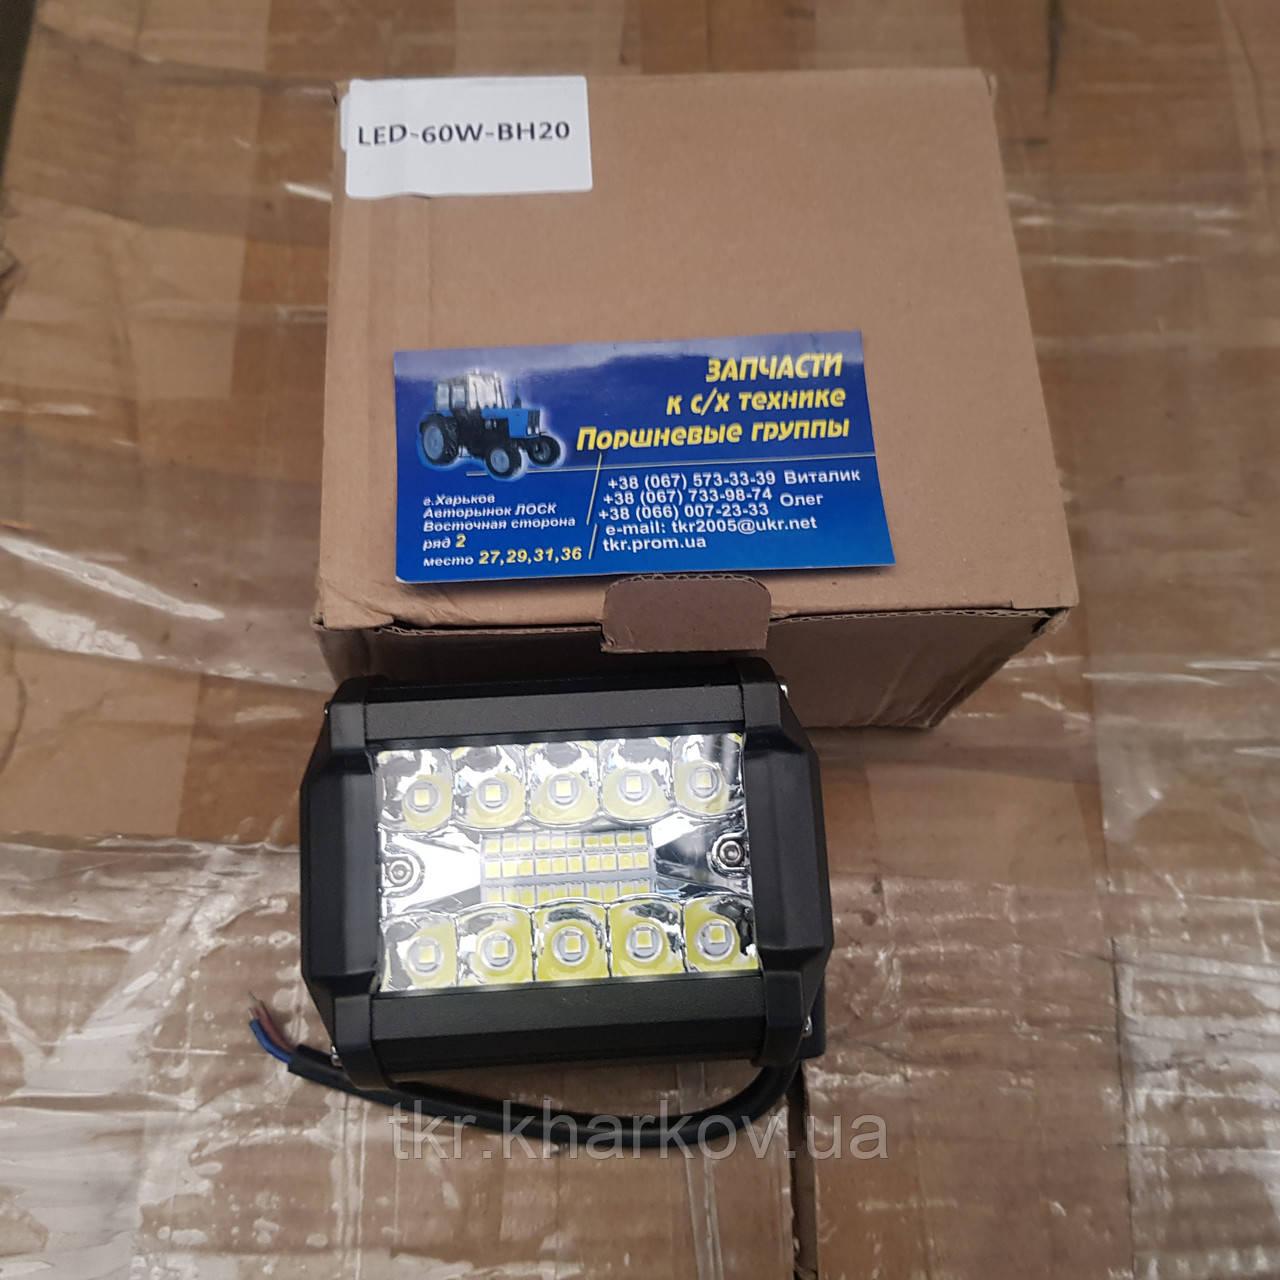 Фара LED прямоугольная 60W, 20 ламп (смешанный луч) 10/30V 6000K